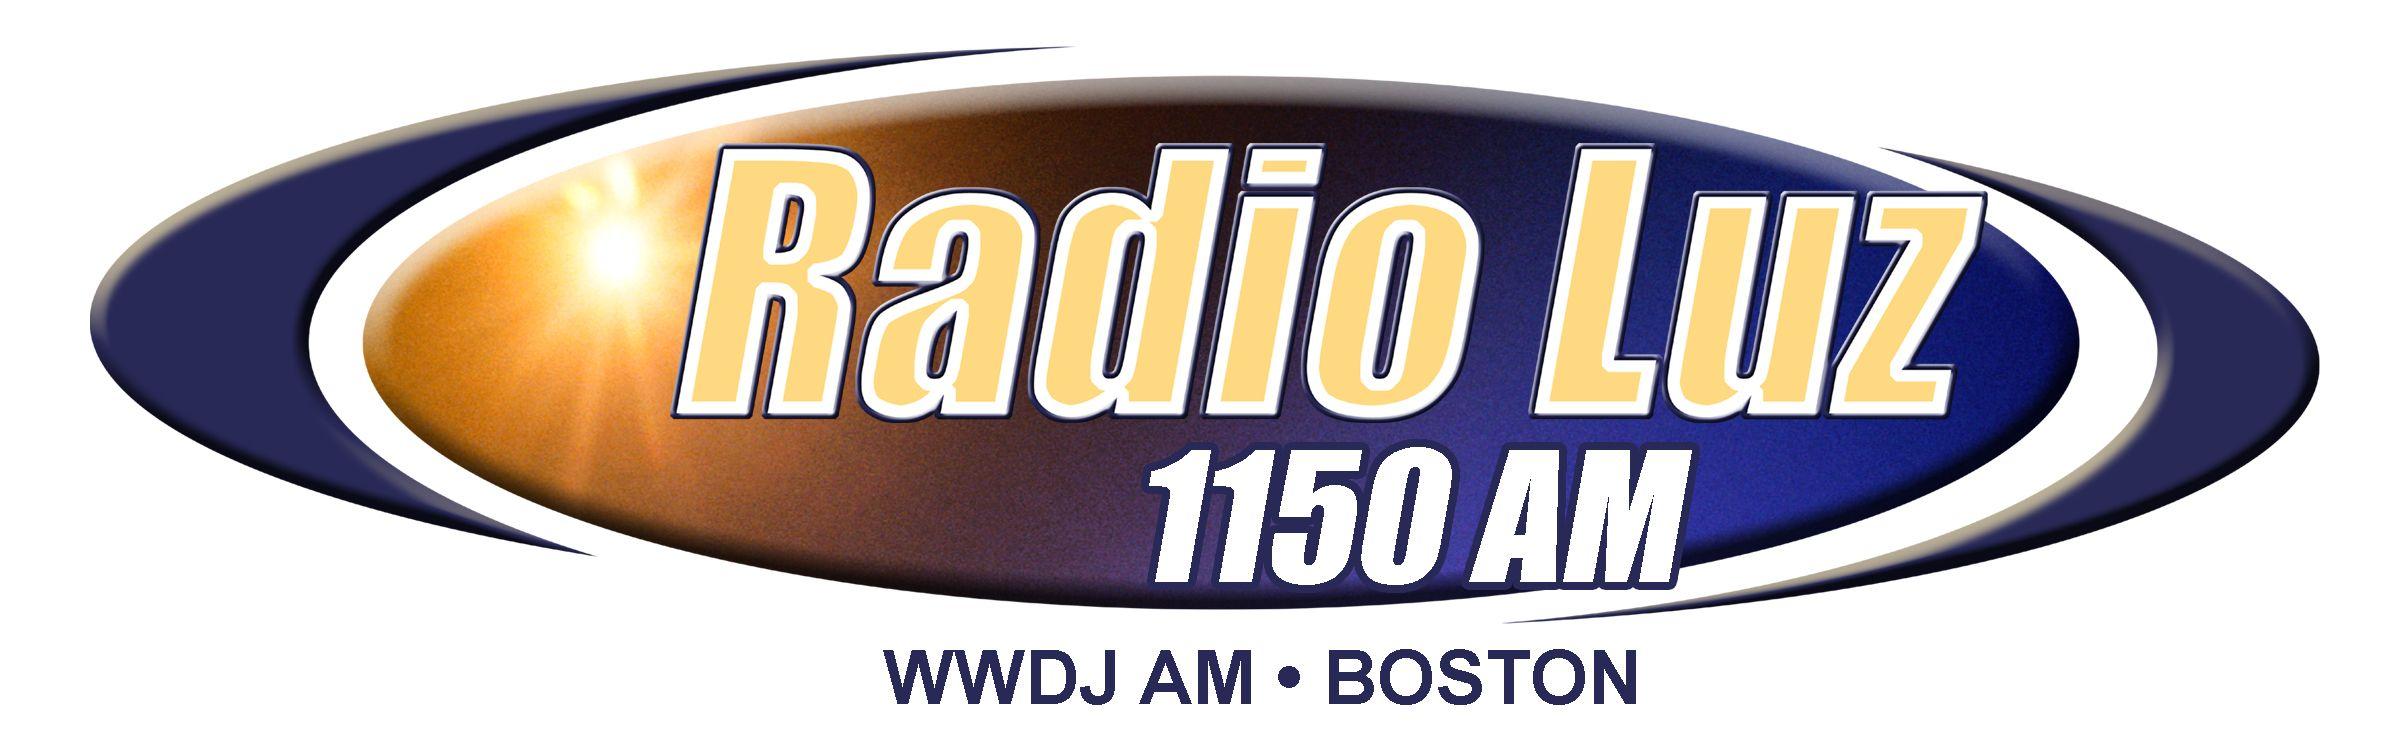 to Salem Radio Group Boston, a service of Salem